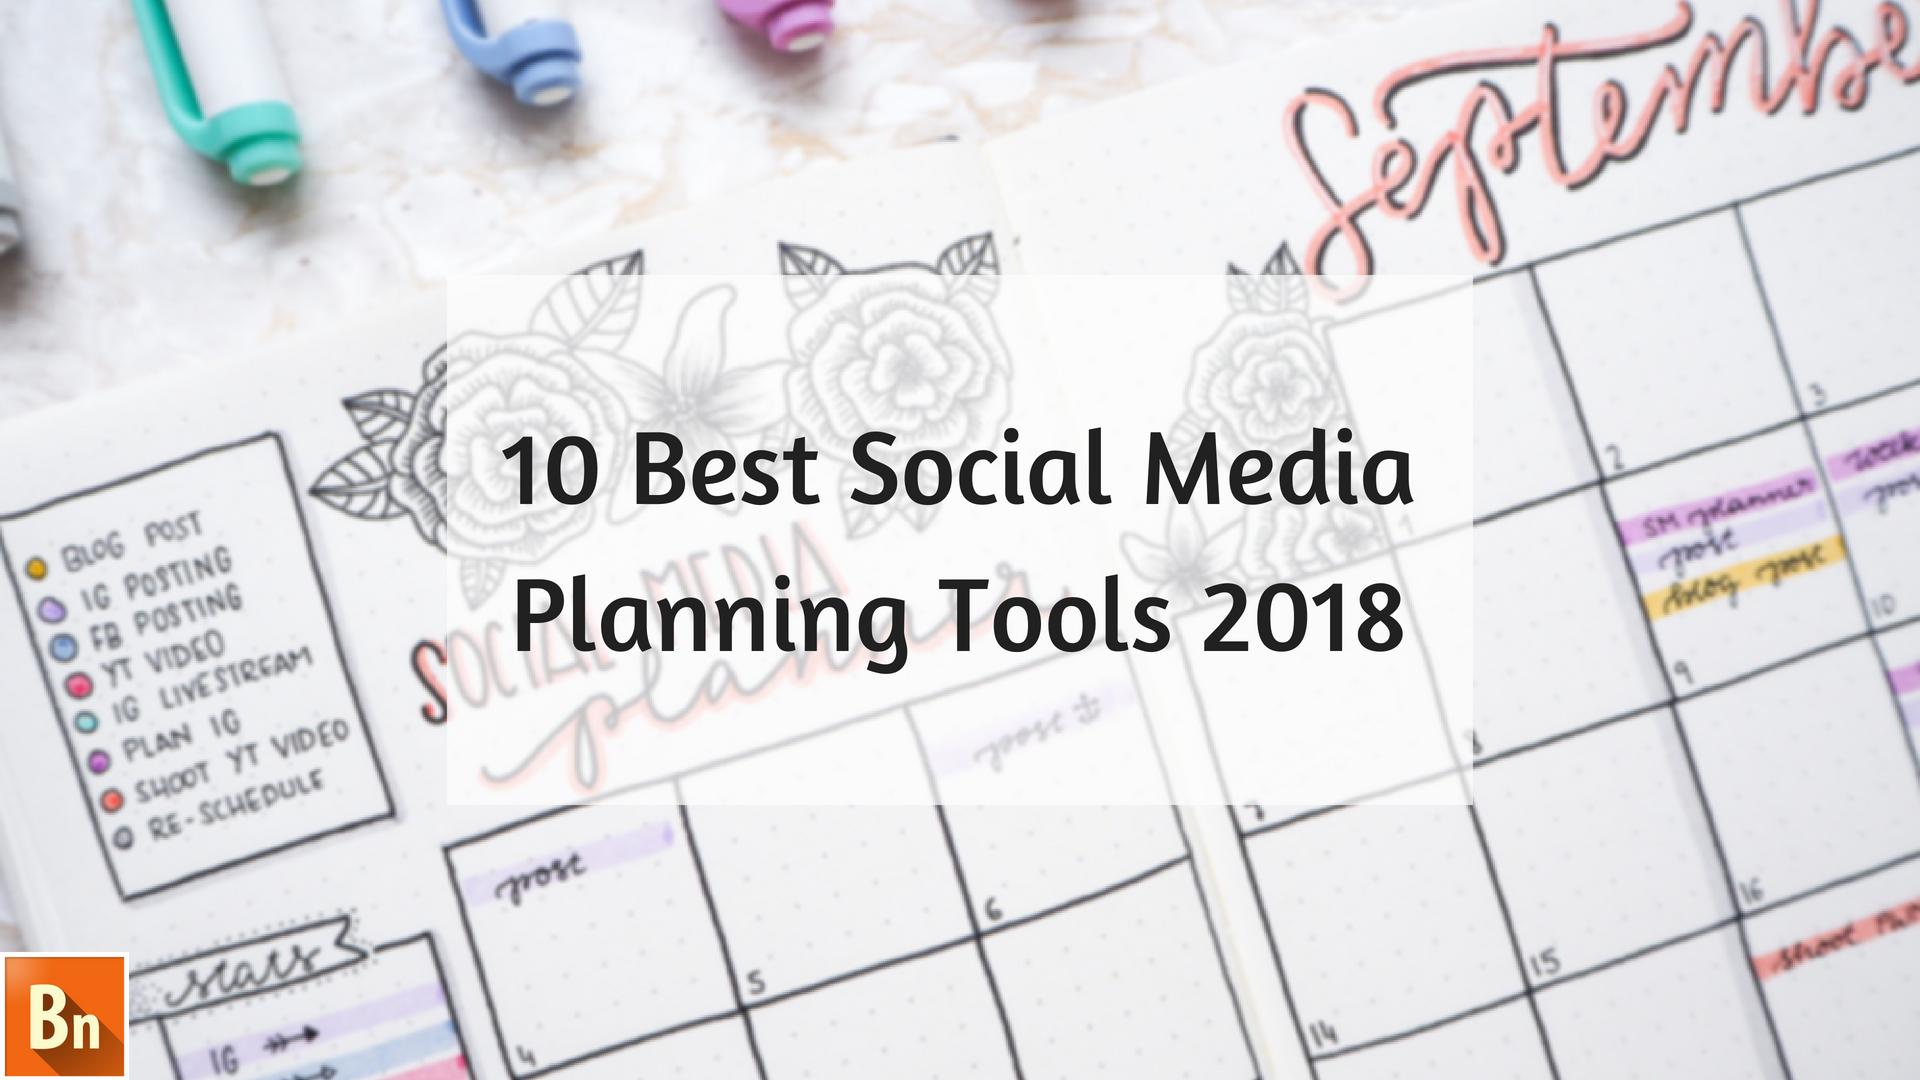 10 Best Social Media Planning Tools 2018